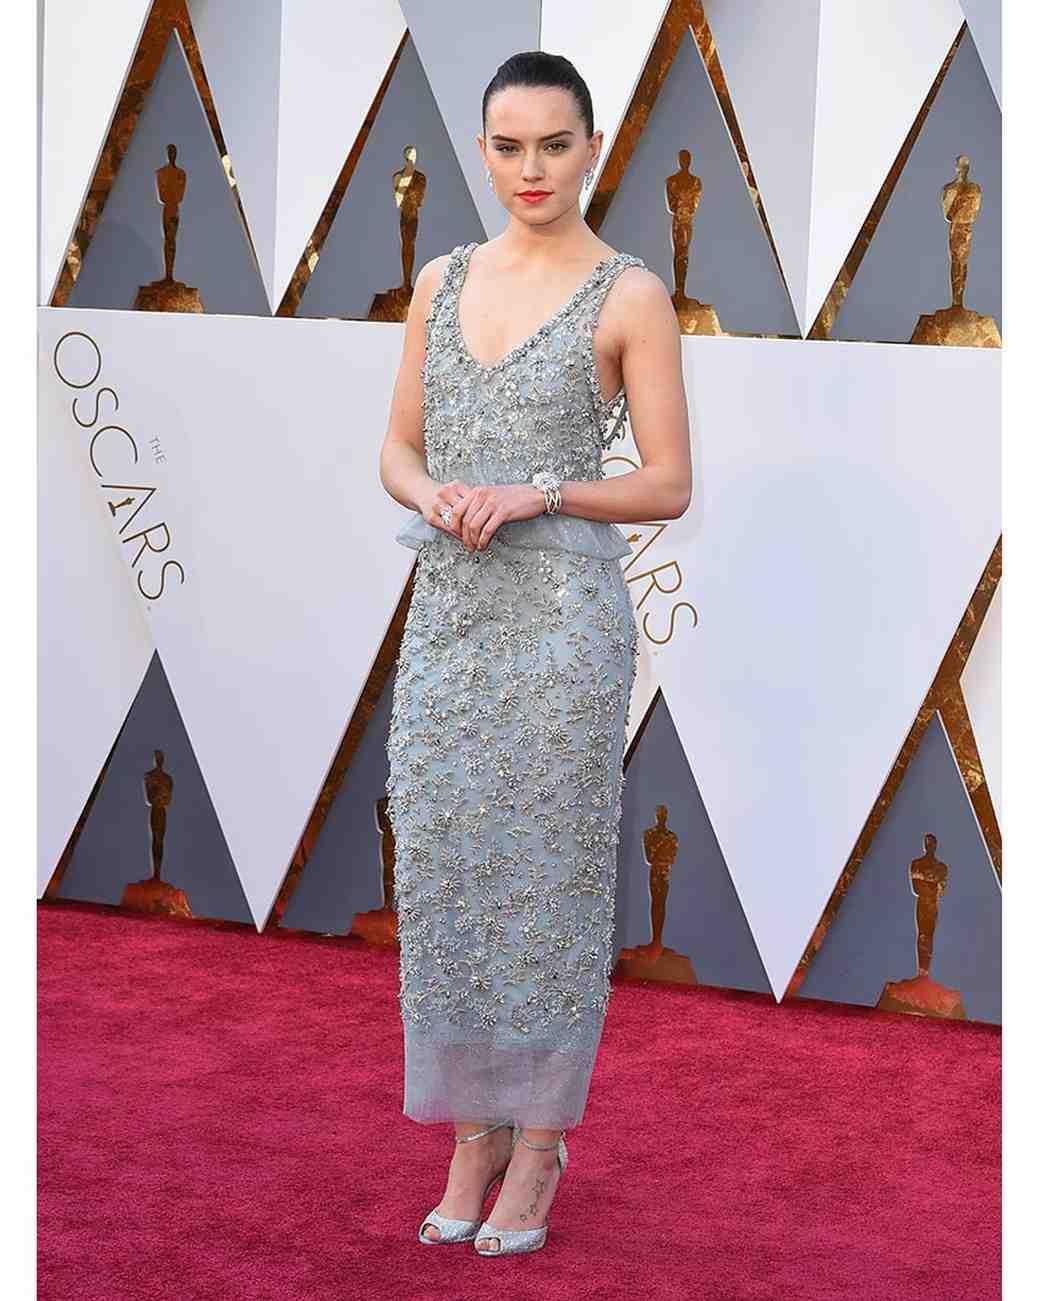 2016-oscars-dresses-daisy-ridley-0216.jpg